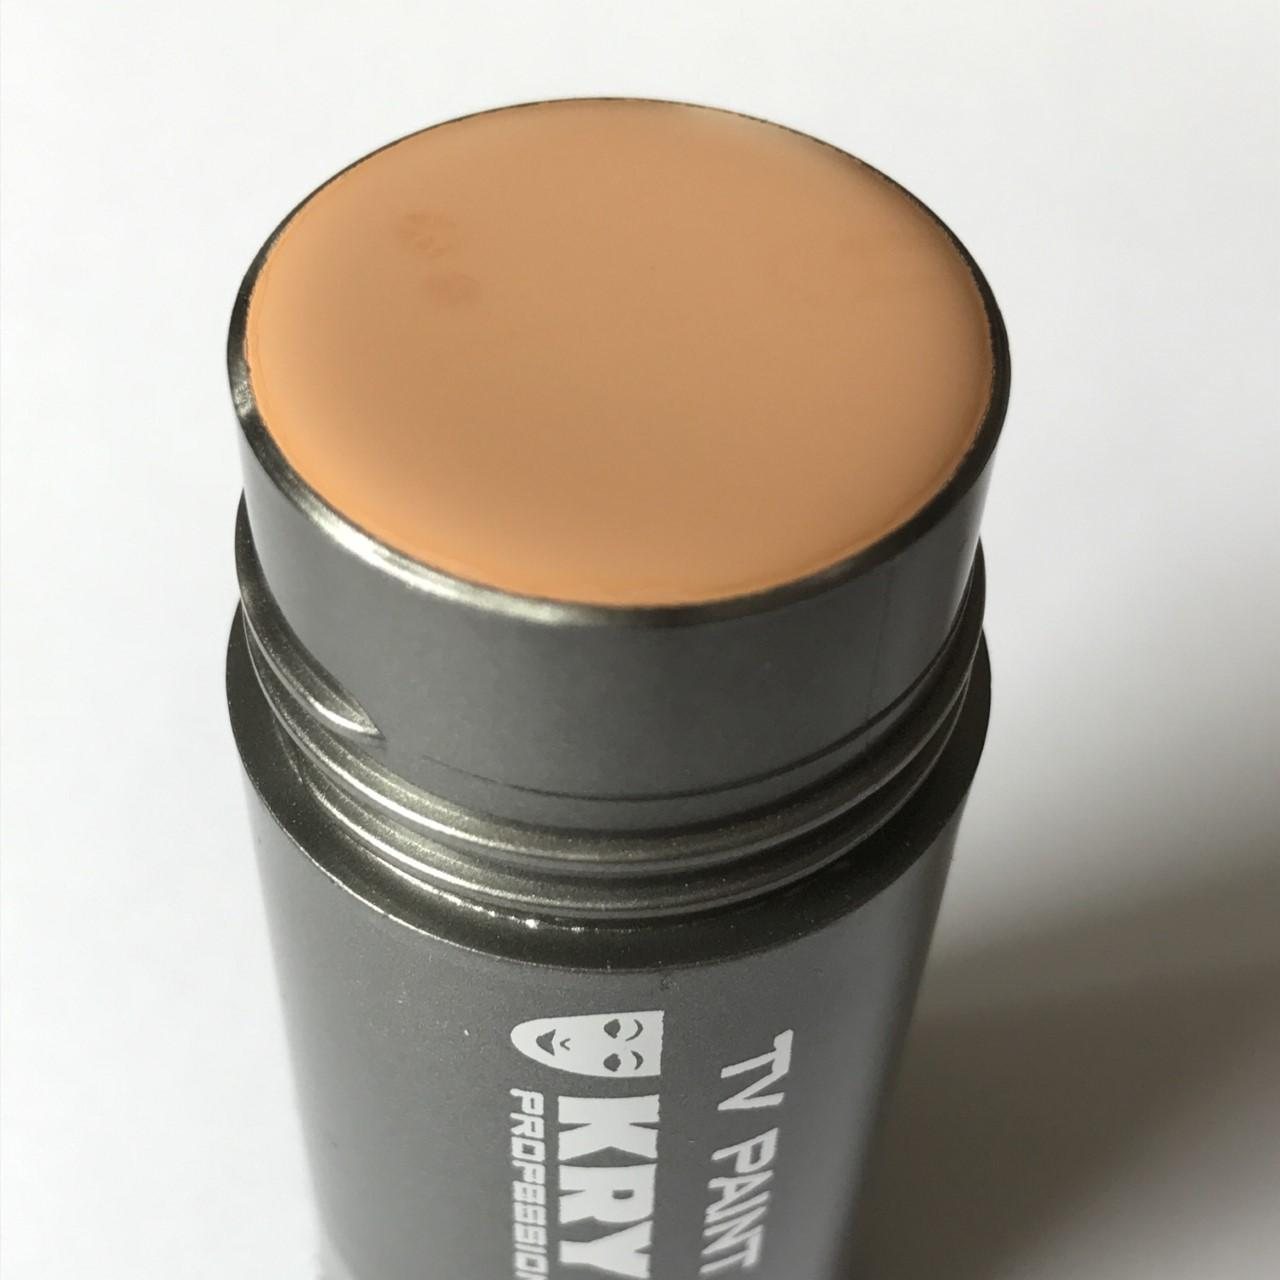 Maquillage kryolan paint stick 5047 w3